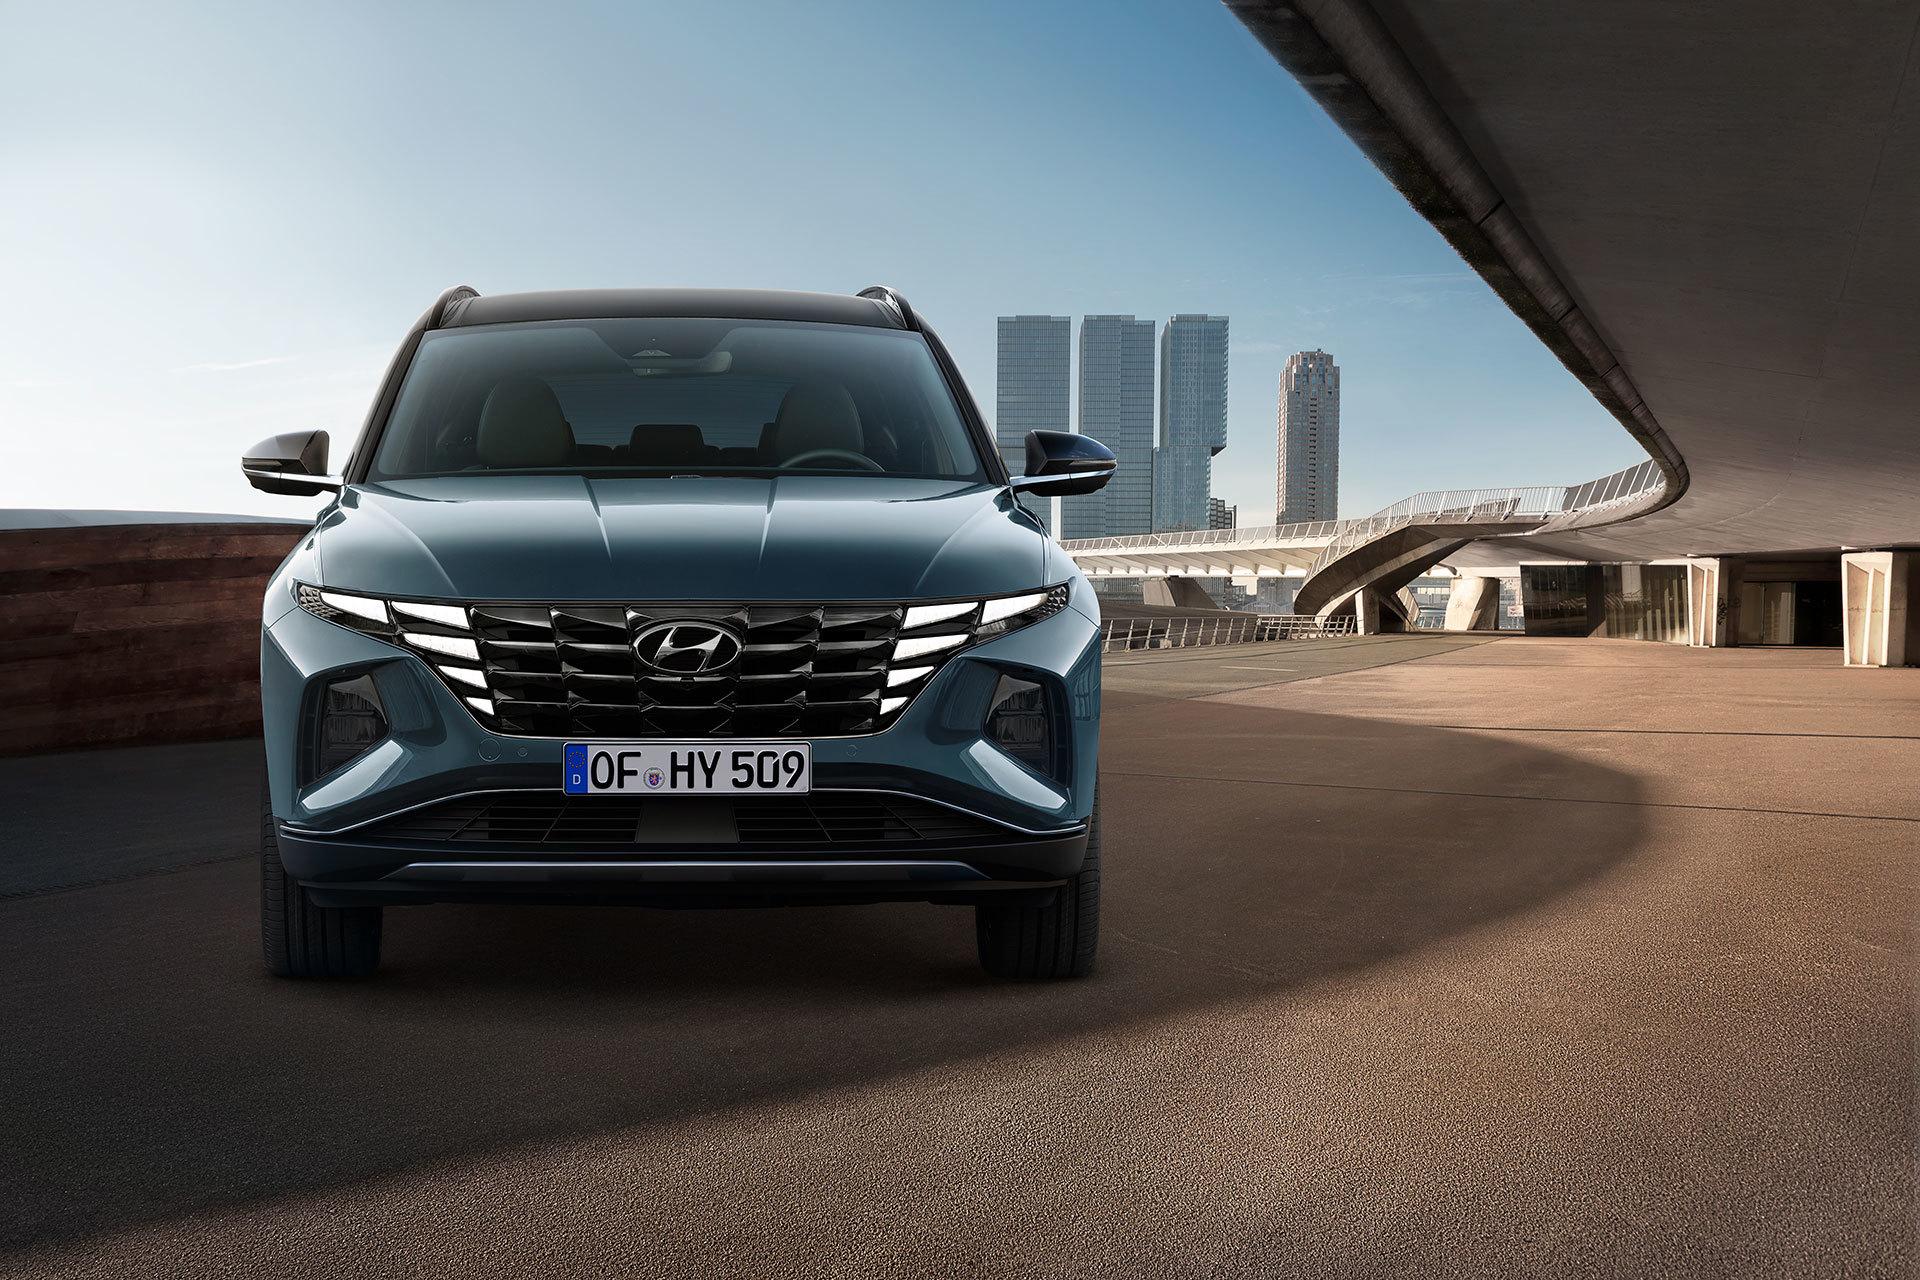 Hyundai Tucson 2021 Exterior 04